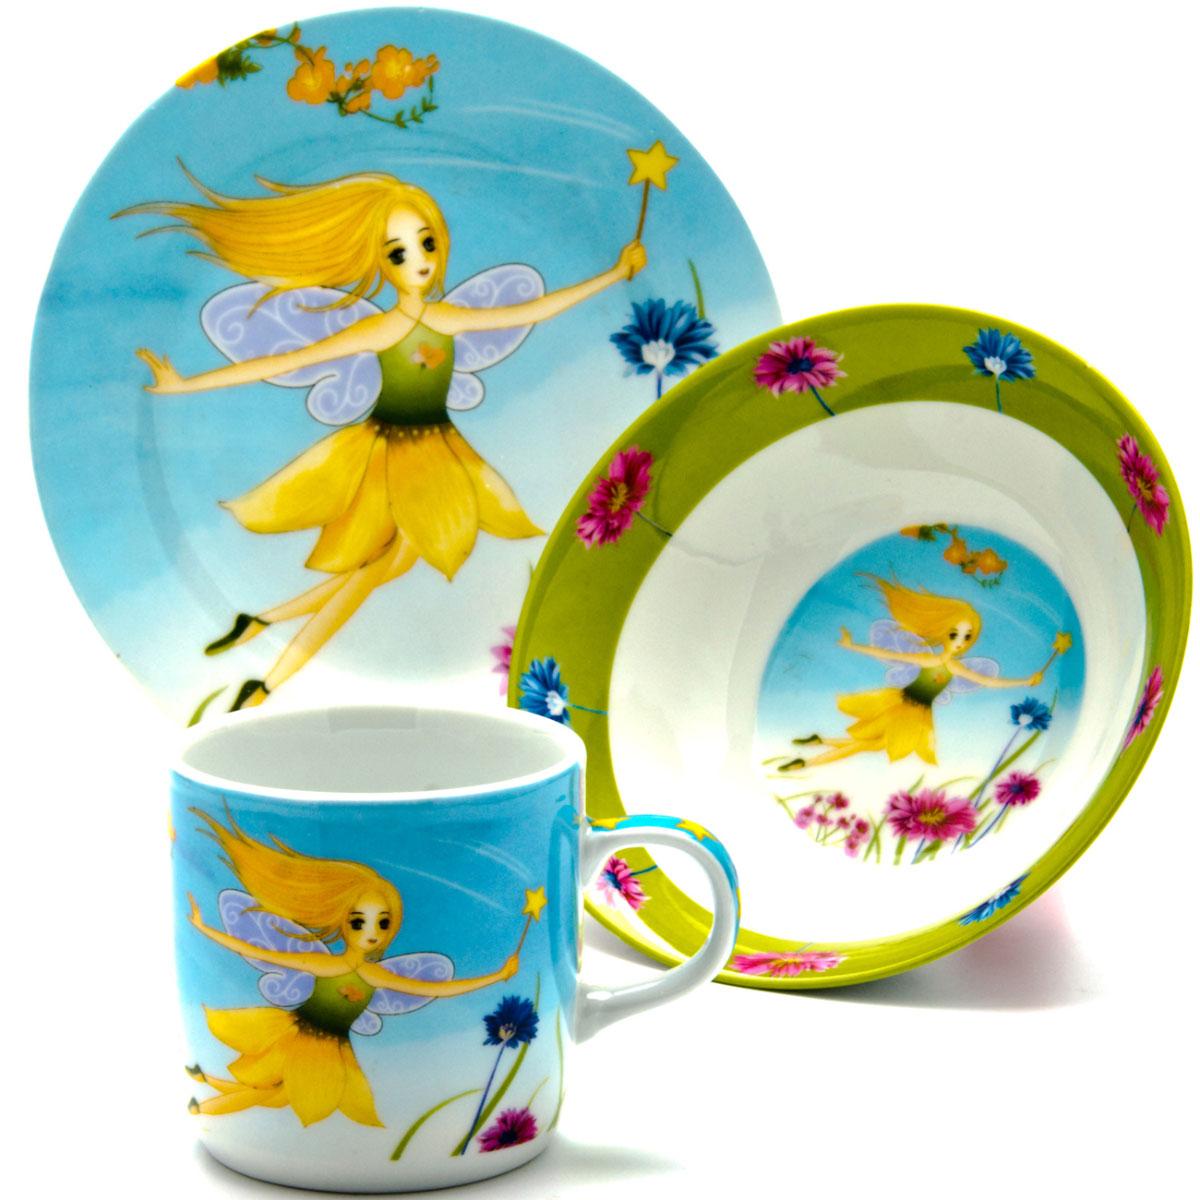 Набор посуды Loraine Фея, 3 предмета24026Набор посуды Loraine сочетает в себе изысканный дизайн с максимальной функциональностью. В набор входят суповая тарелка, обеденная тарелка и кружка.Предметы набора выполнены из высококачественной керамики, декорированы красочным рисунком. Благодаря такому набору обед вашего ребенка будет еще вкуснее. Набор упакован в красочную, подарочную упаковку. Диаметр суповой тарелки: 15 см.Диаметр обеденной тарелки: 17,5 см.Объем кружки: 230 мл.